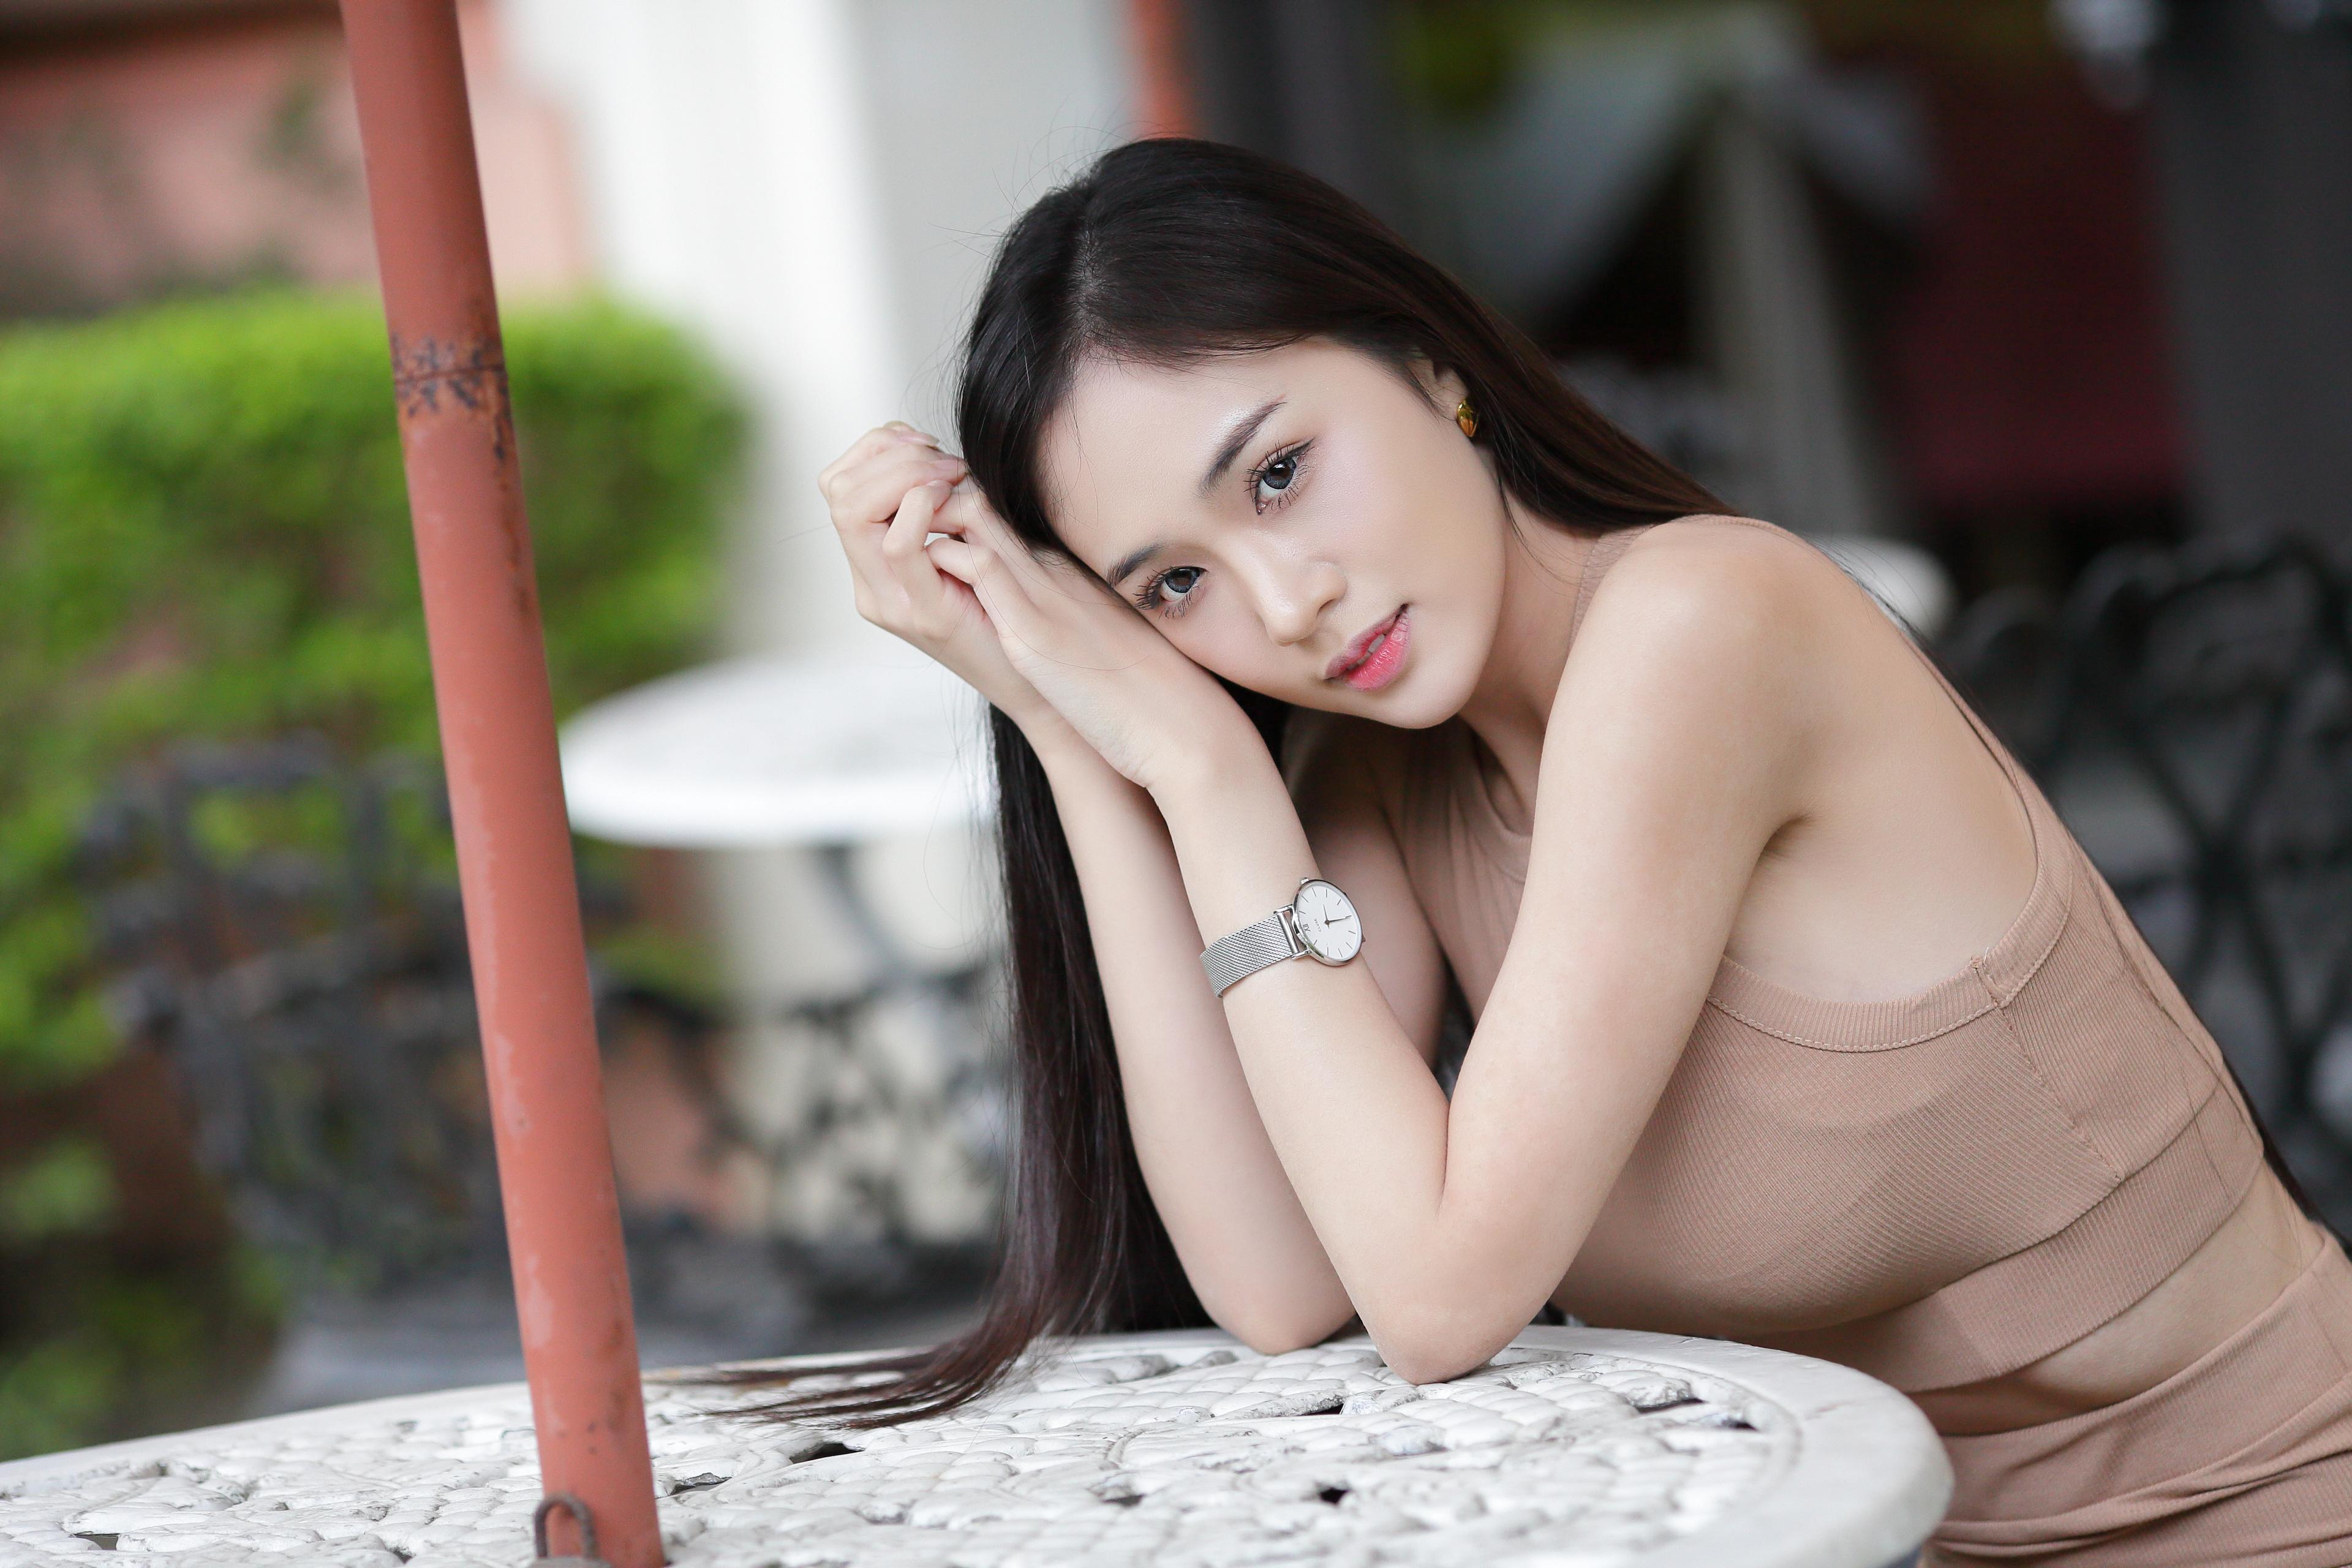 Bilder Brunette jente Bokeh Unge kvinner Asiater Hender Blikk 3840x2560 uklar bakgrunn ung kvinne asiatisk ser